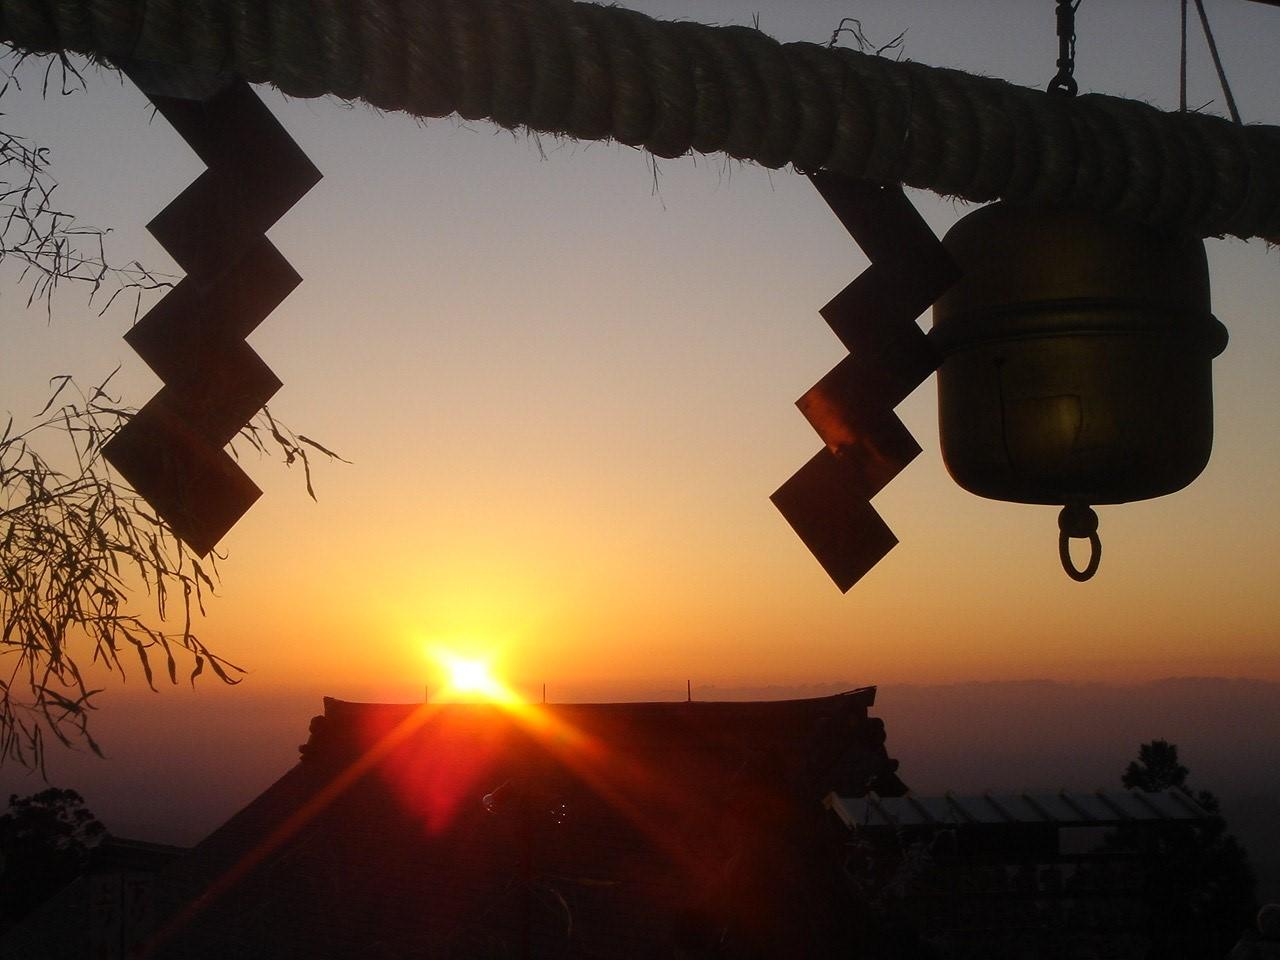 武蔵御岳神社初日の出